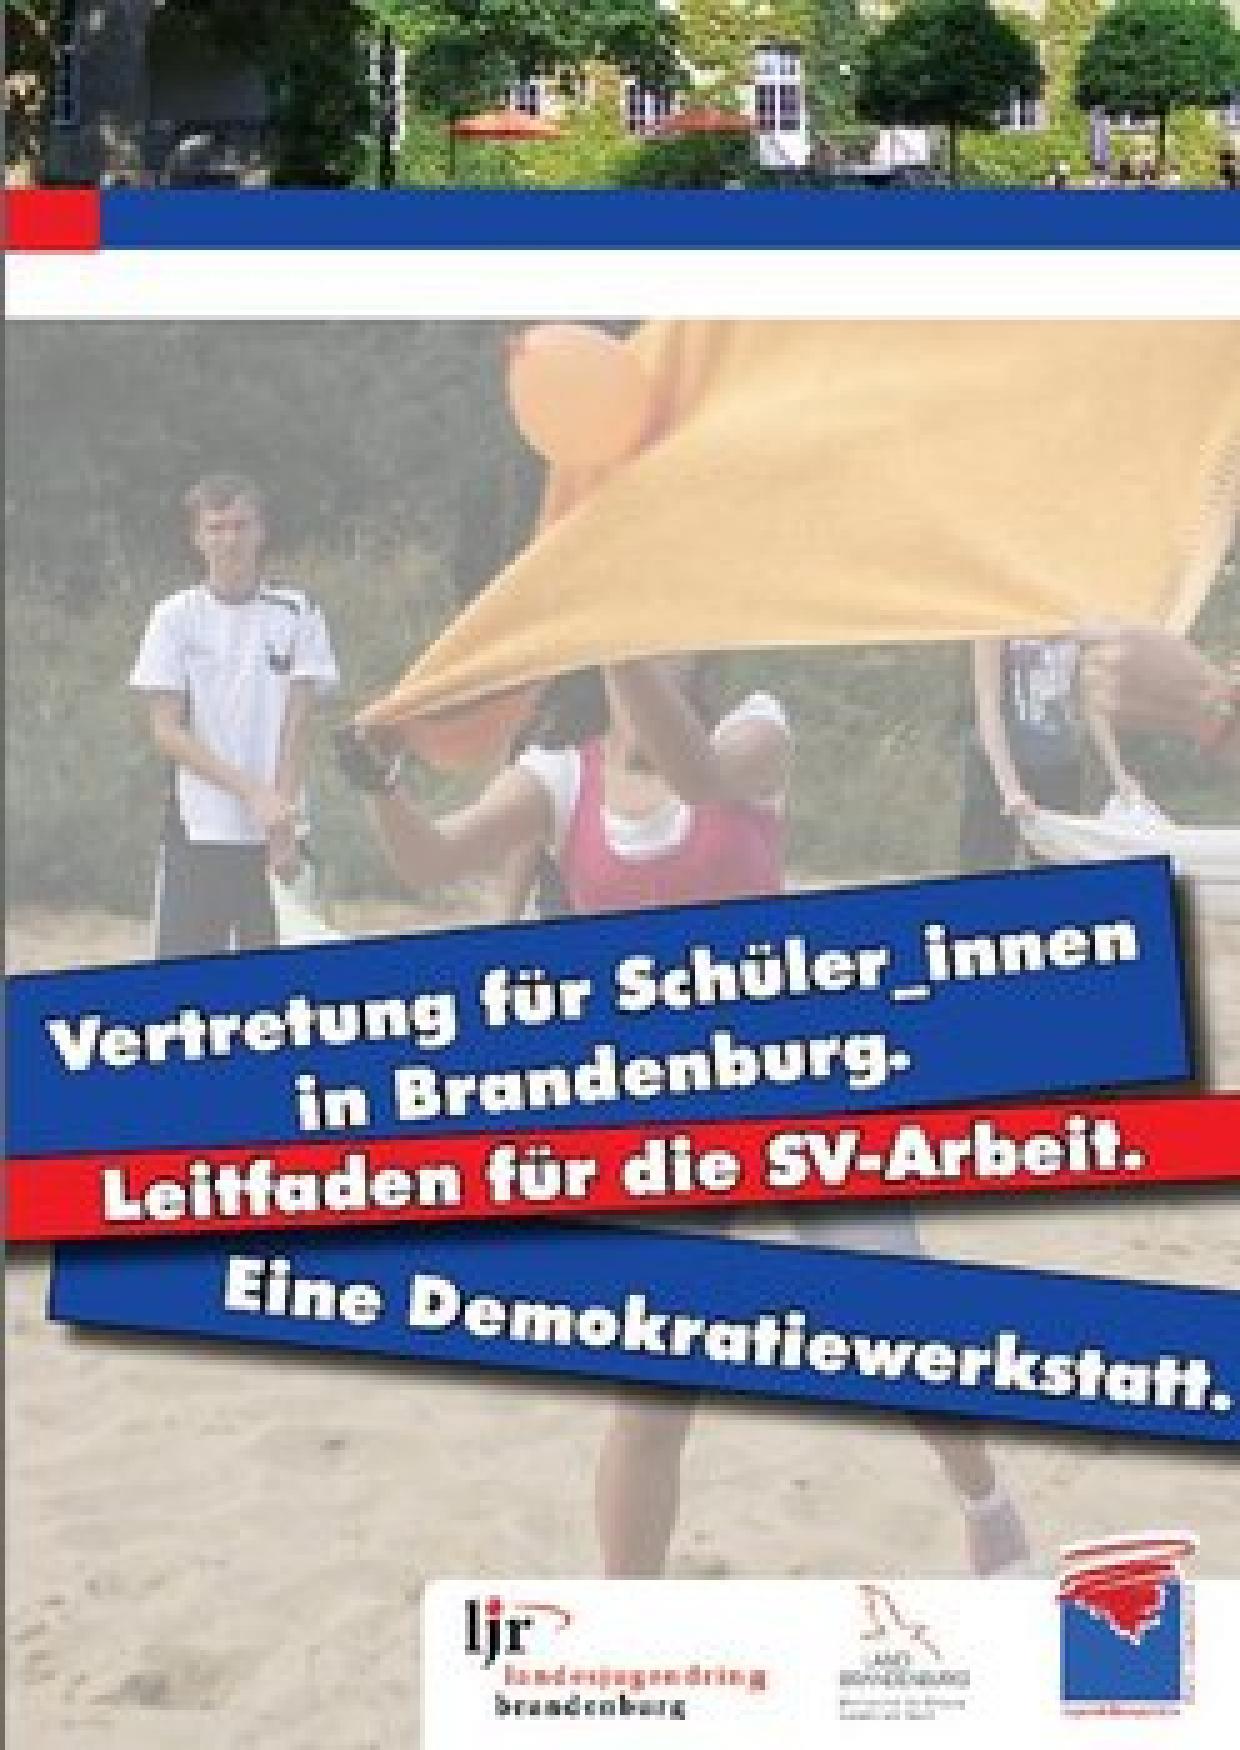 Leitfaden für SV-Arbeit in Brandenburg